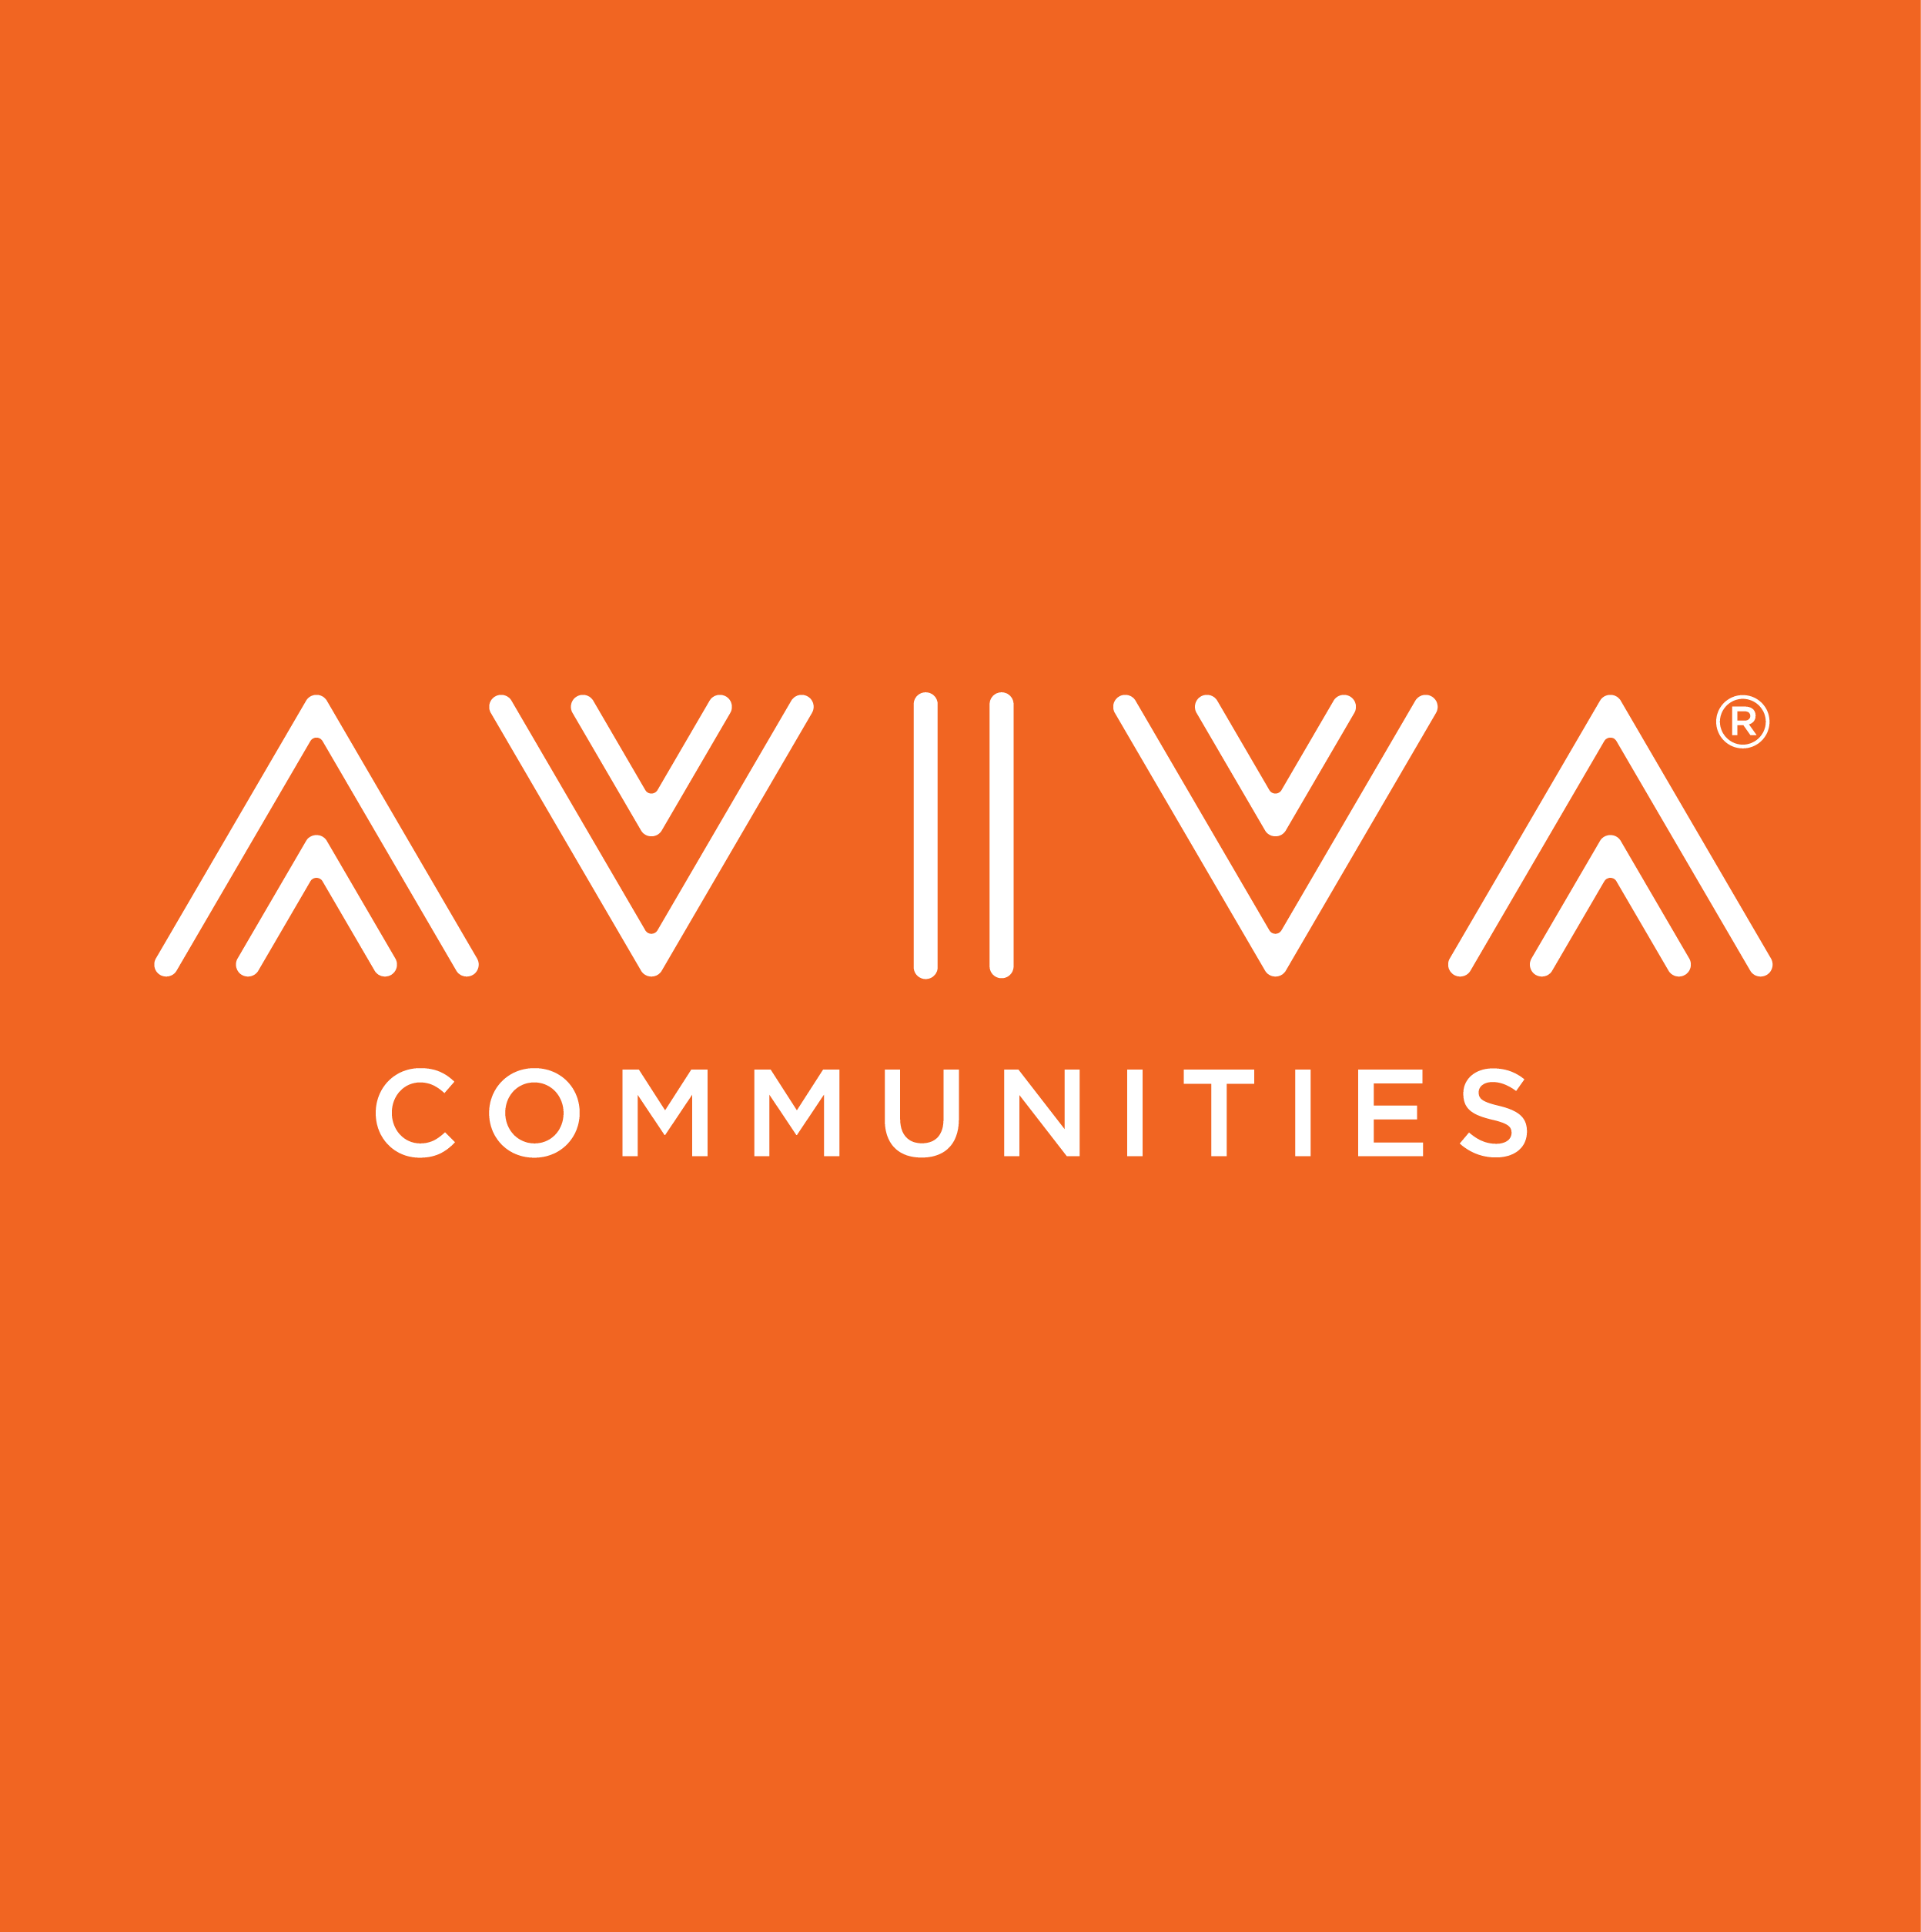 Aviva Communities